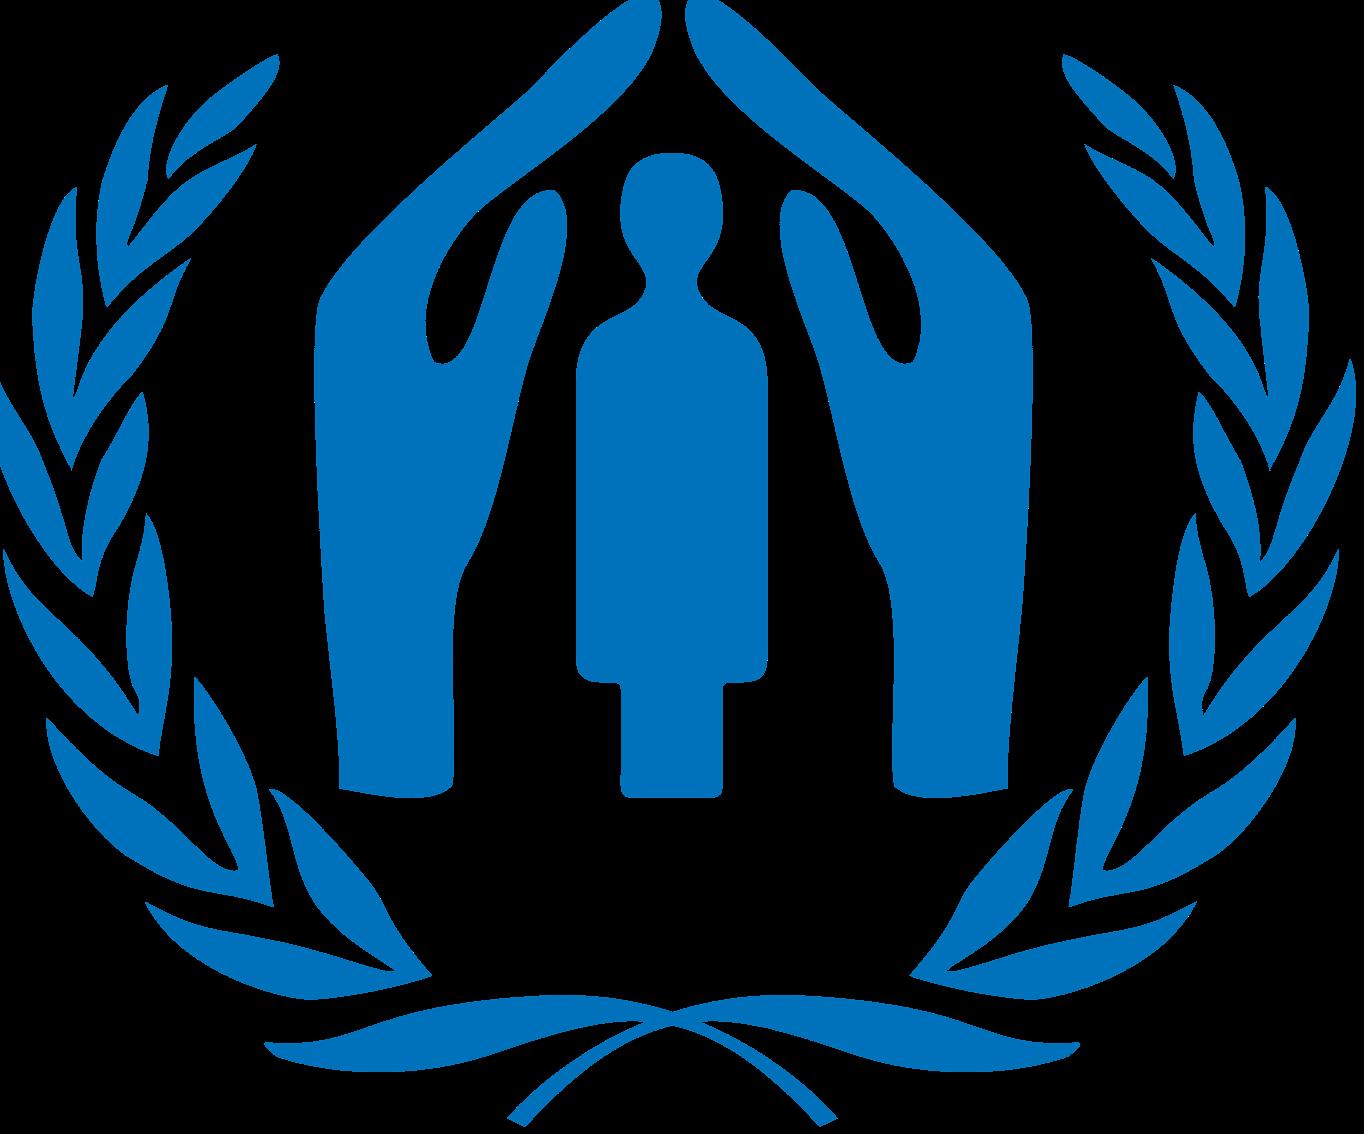 UNHCR_logo.png